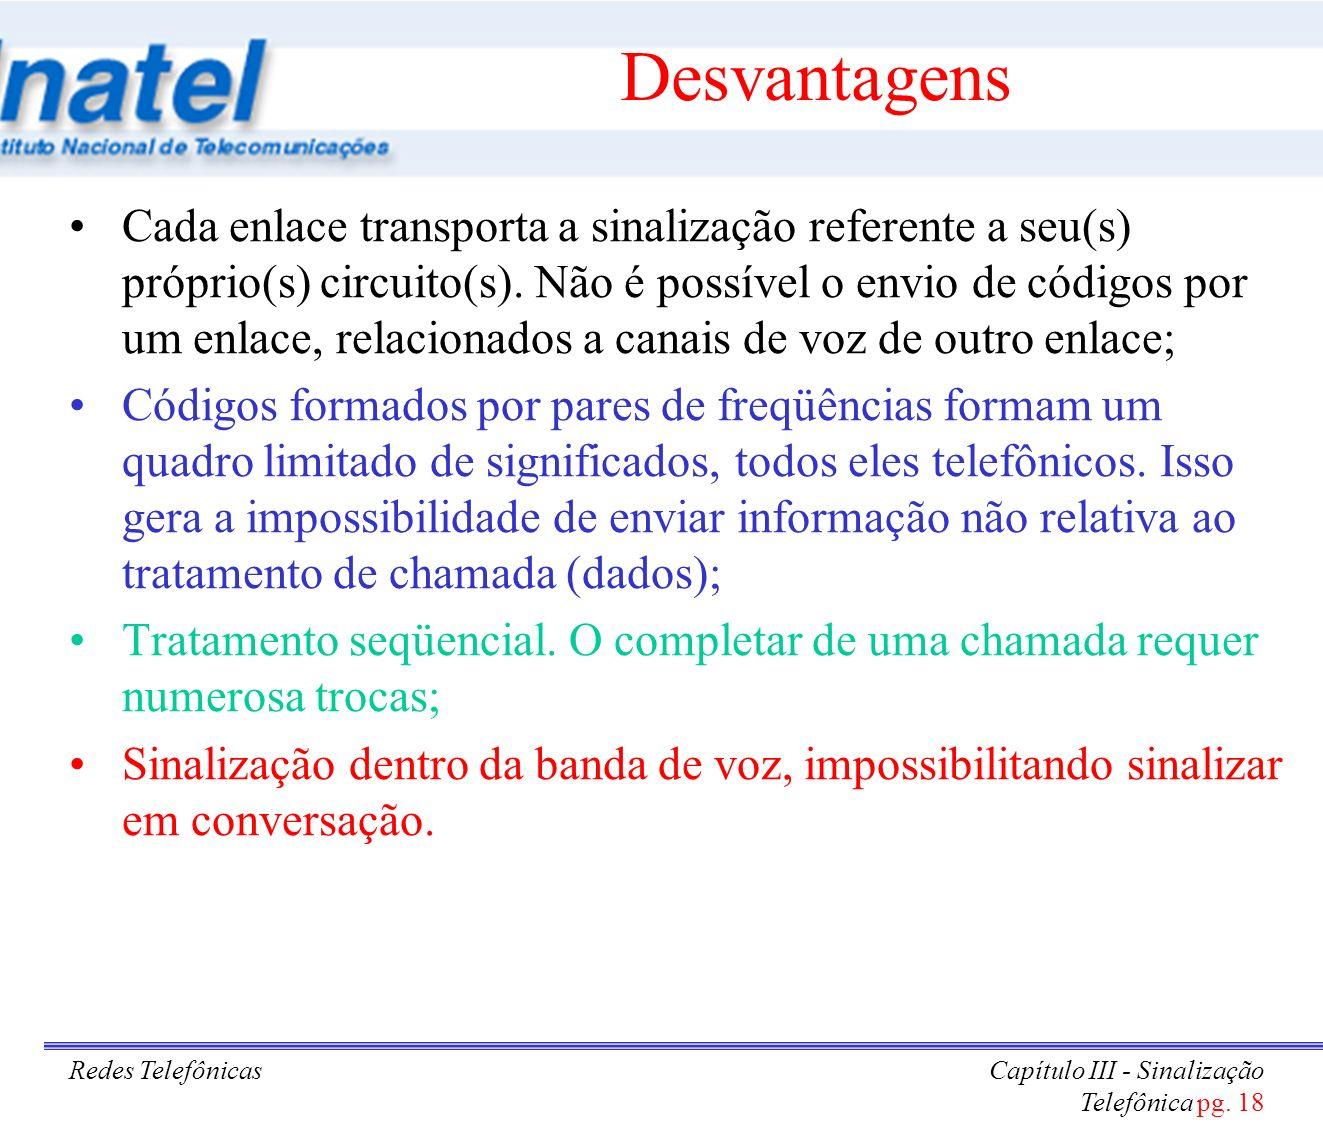 Redes TelefônicasCapítulo III - Sinalização Telefônica pg. 18 Desvantagens Cada enlace transporta a sinalização referente a seu(s) próprio(s) circuito